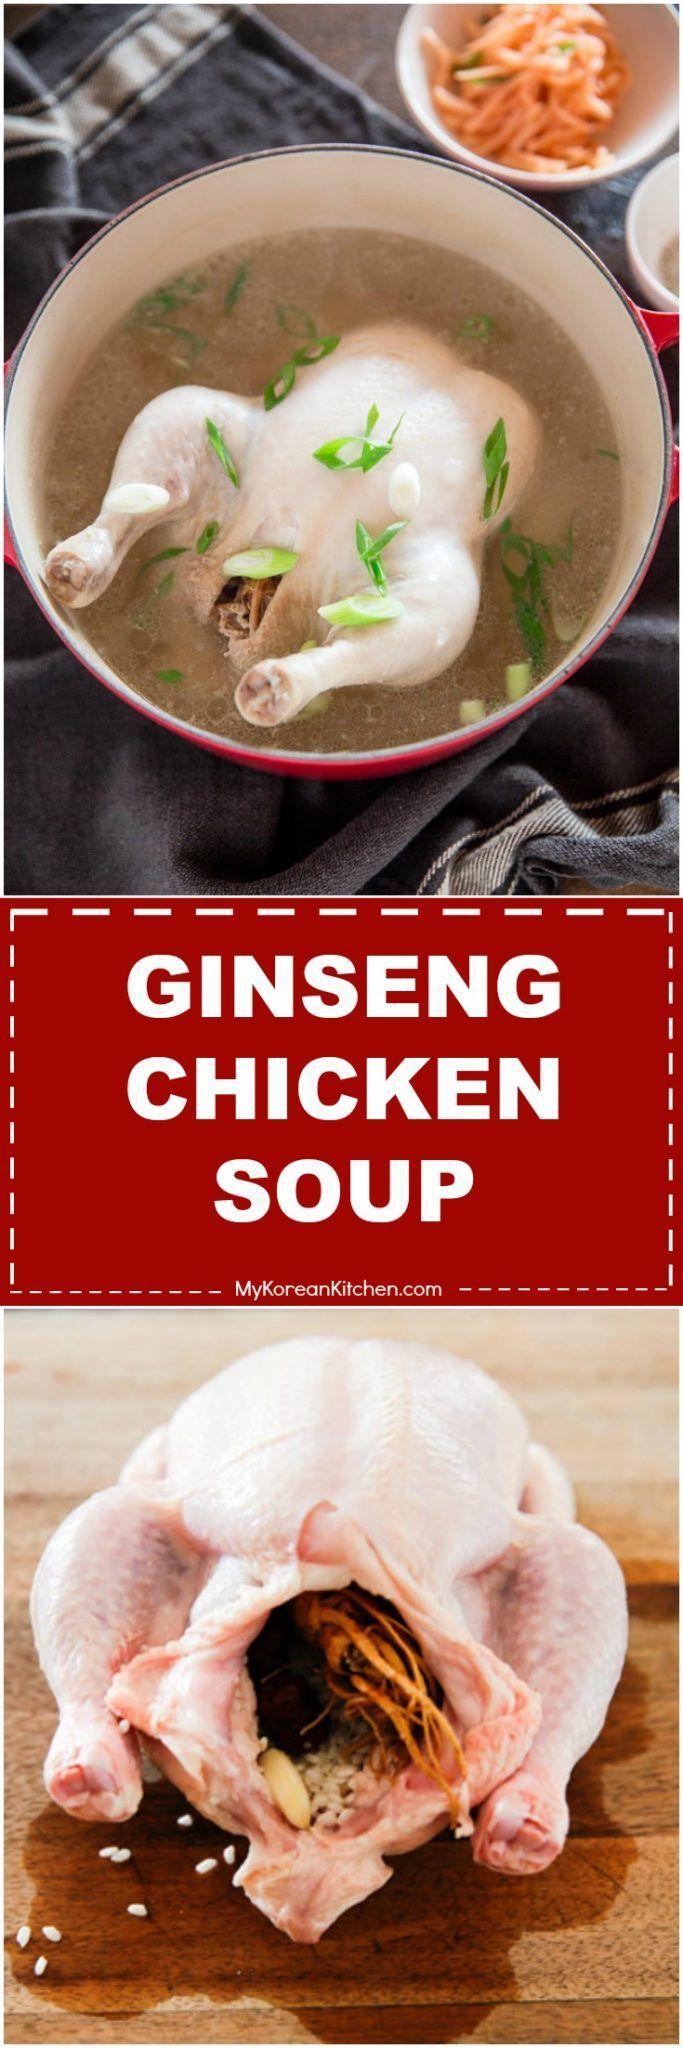 Korean Summer Stamina Food - Samgyetang (Korean Ginseng Chicken Soup) Recipe | MyKoreanKitchen.com via @mykoreankitchen